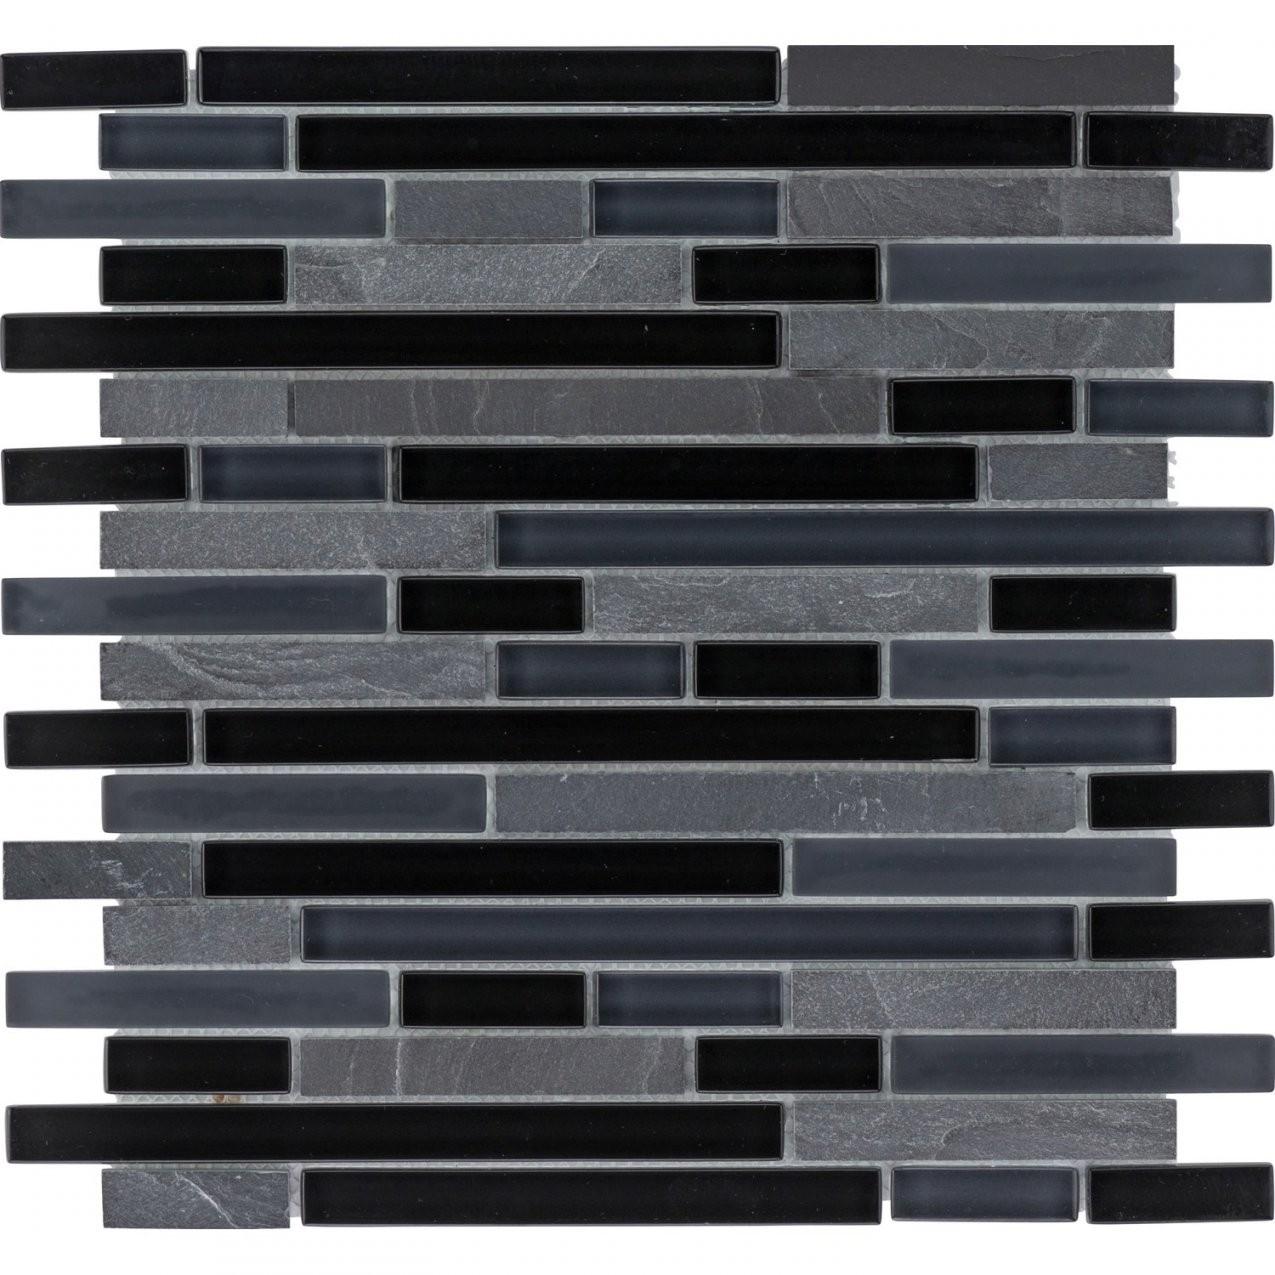 Mosaikmatte Glas & Schiefer Black Line 30 Cm X 30 Cm Kaufen Bei Obi von Mosaik Fliesen Hornbach Bild